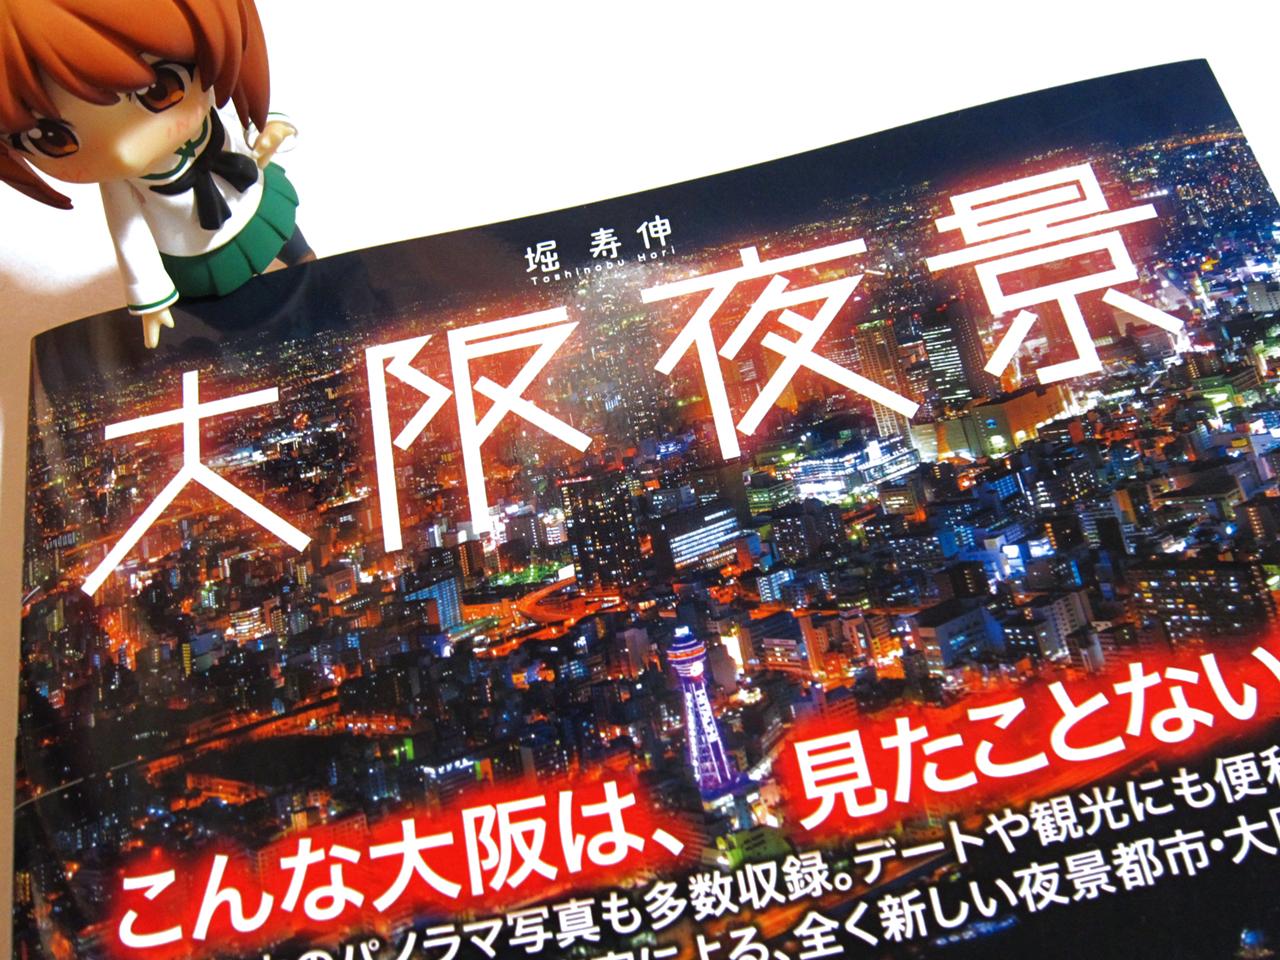 「大阪夜景」という本を買いました。